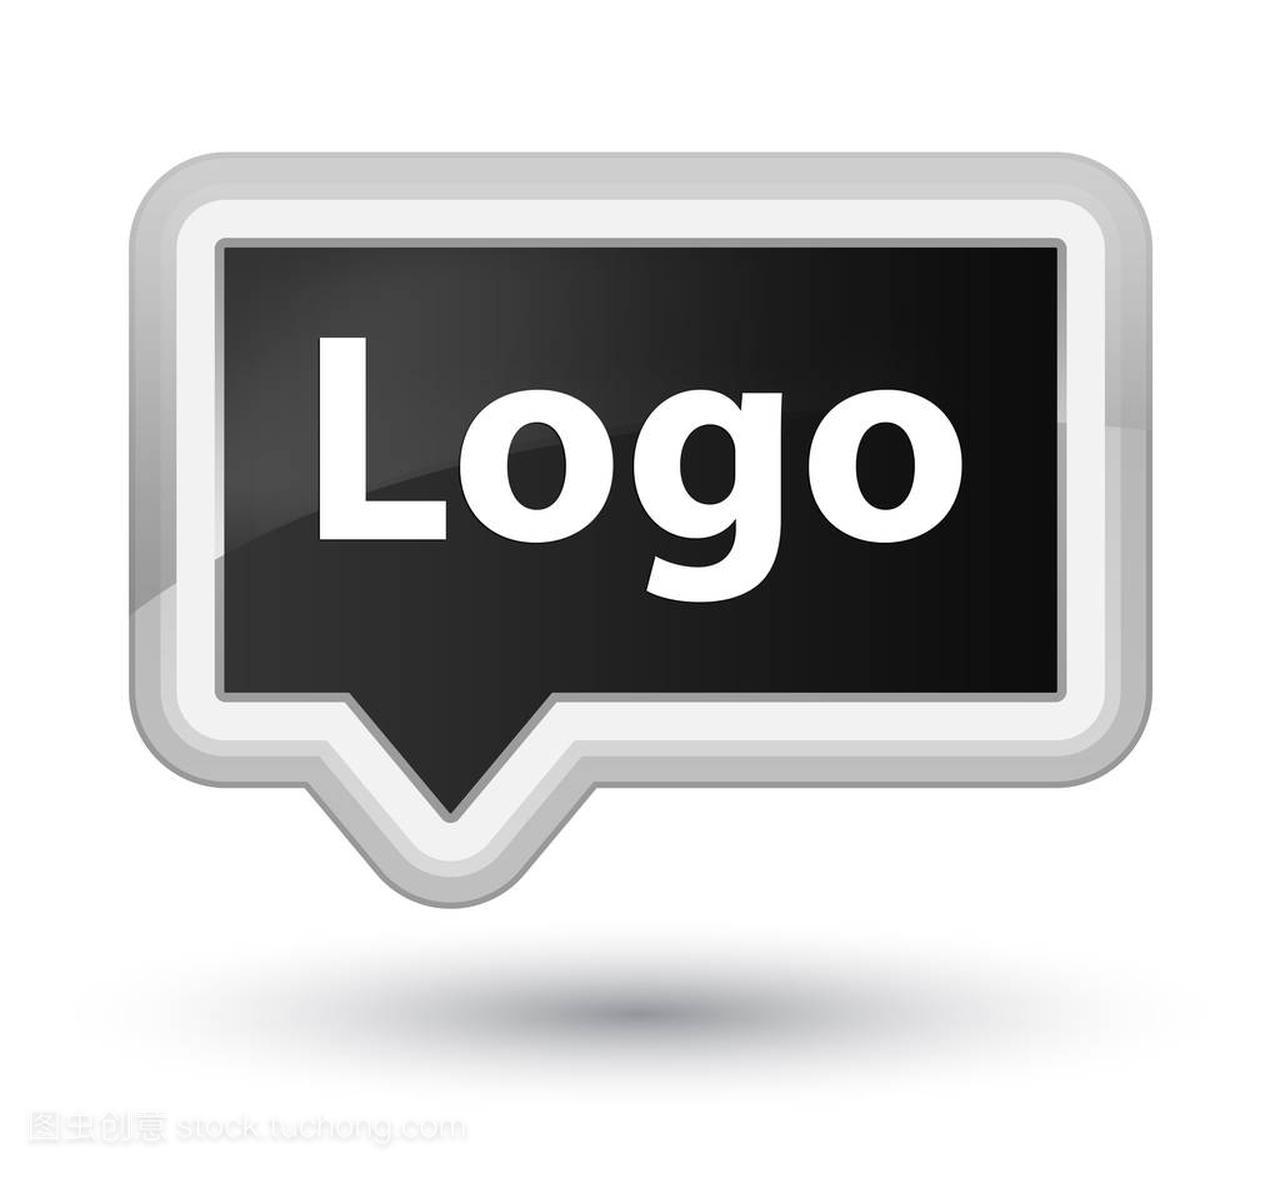 黄金按钮横幅标志黑色嘉兴创新建筑设计图片